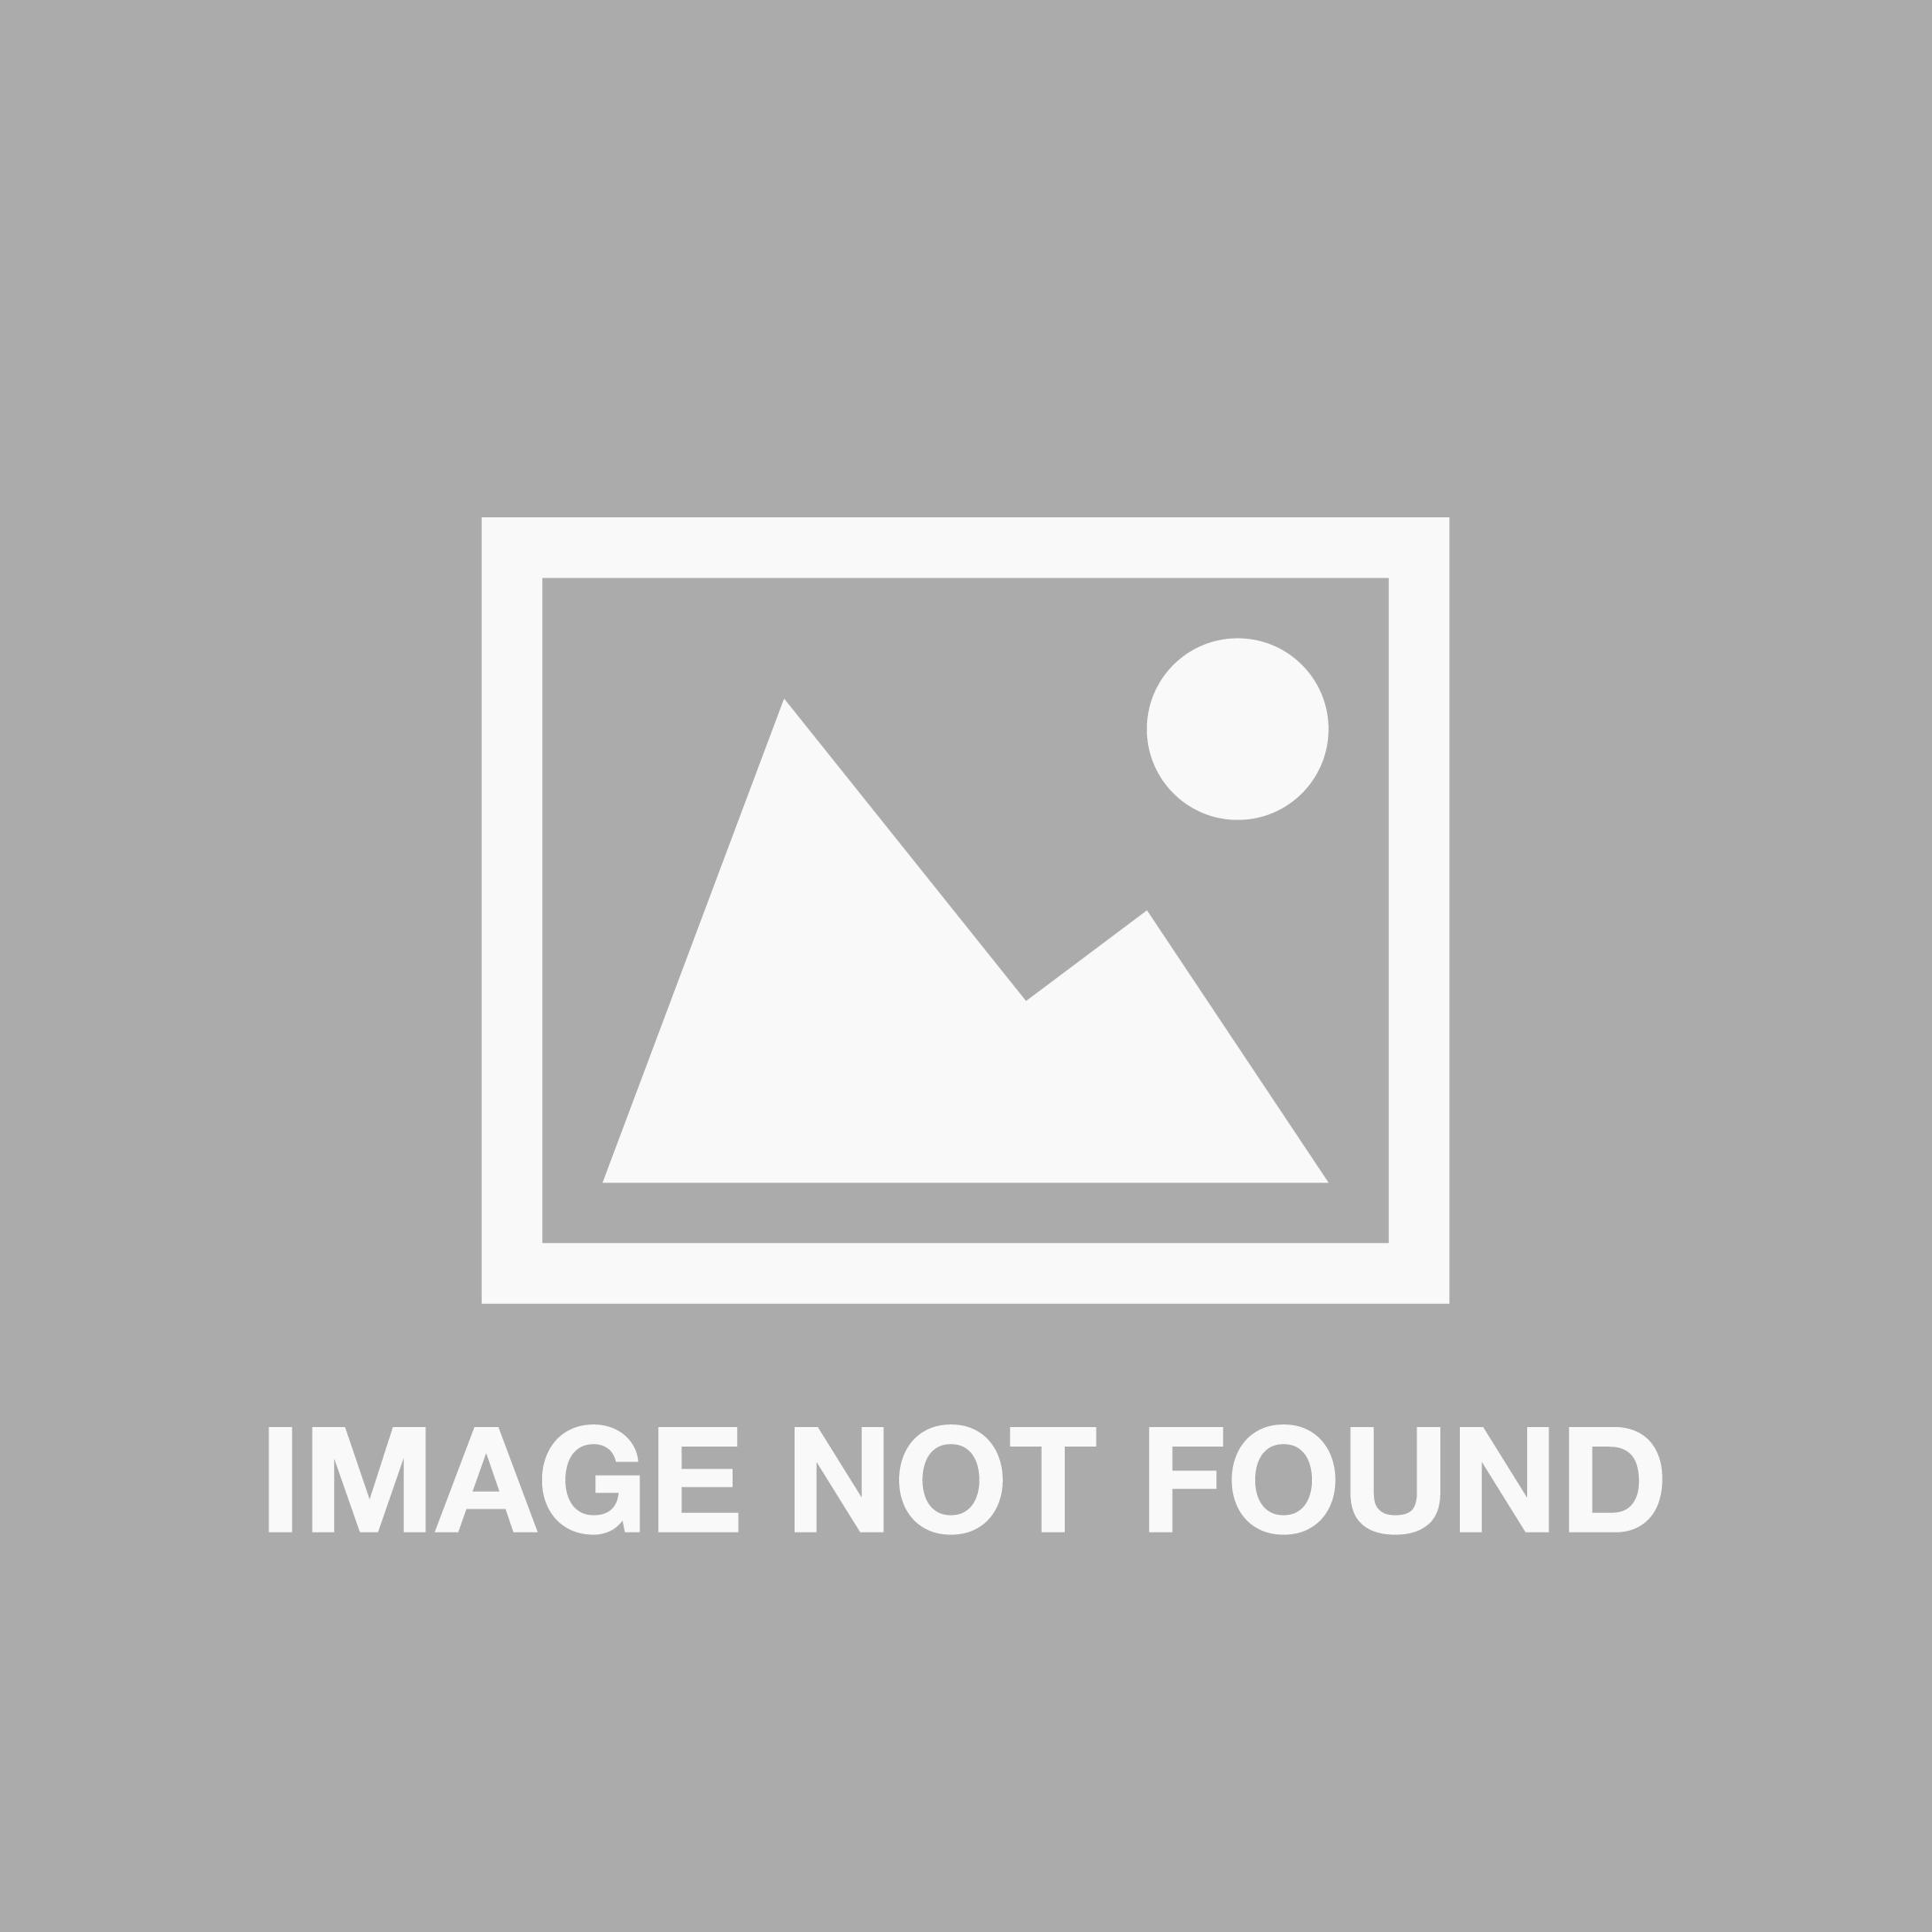 Crocs™ Kids' Winter Puff Boot Cerulean Blue/Light Grey 26